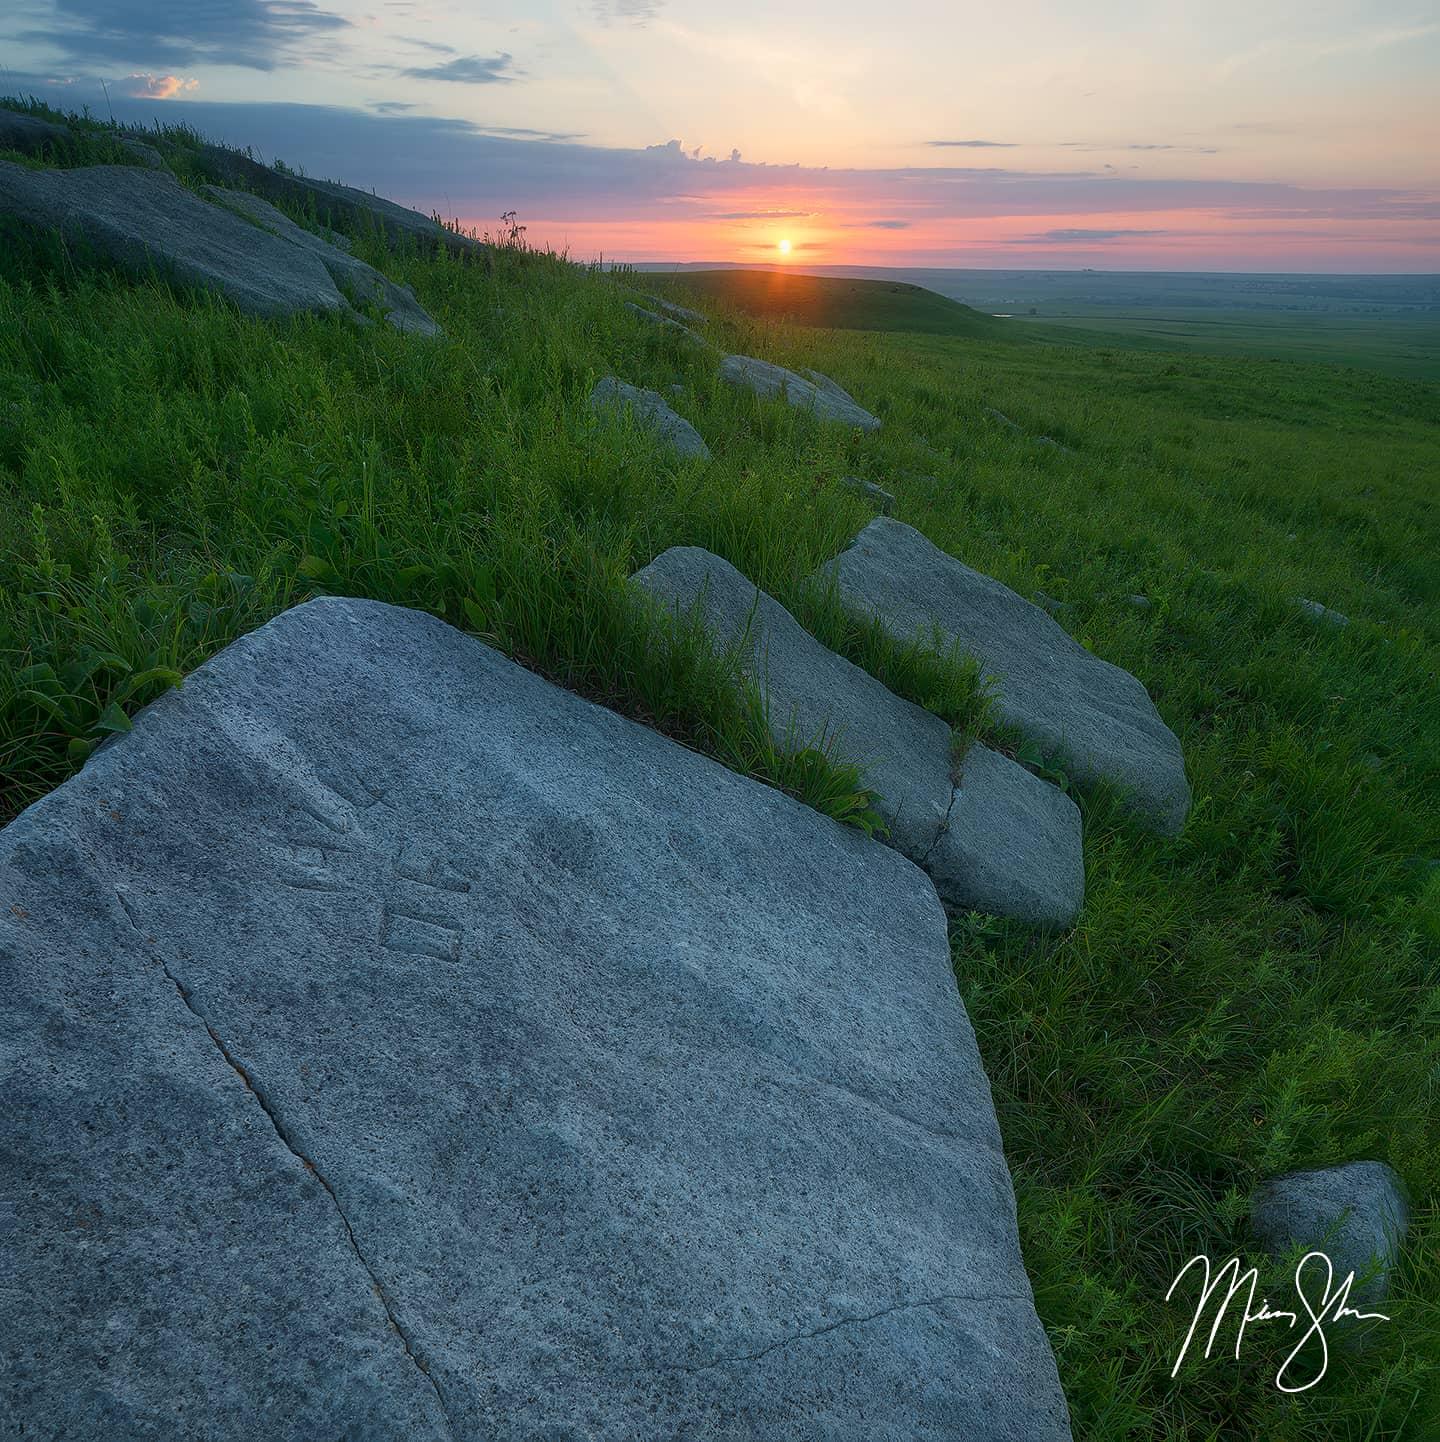 Flint Hills Sunrise - The Flint Hills, Kansas